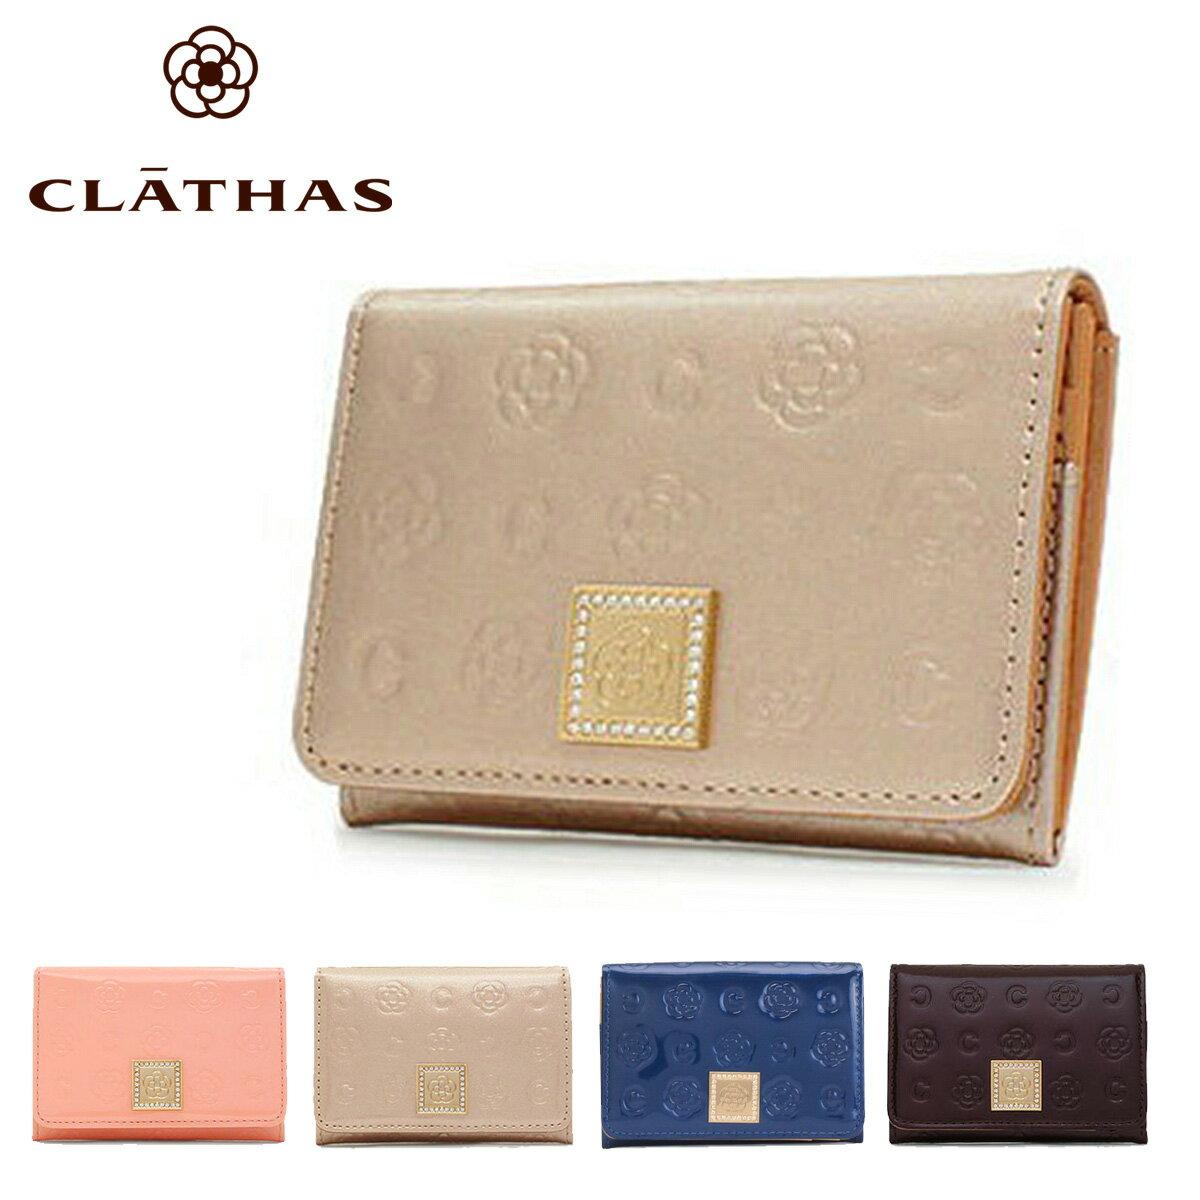 クレイサス CLATHAS 名刺入れ 182270 ベティ 【 カードケース レディース ベティー 】【即日発送】